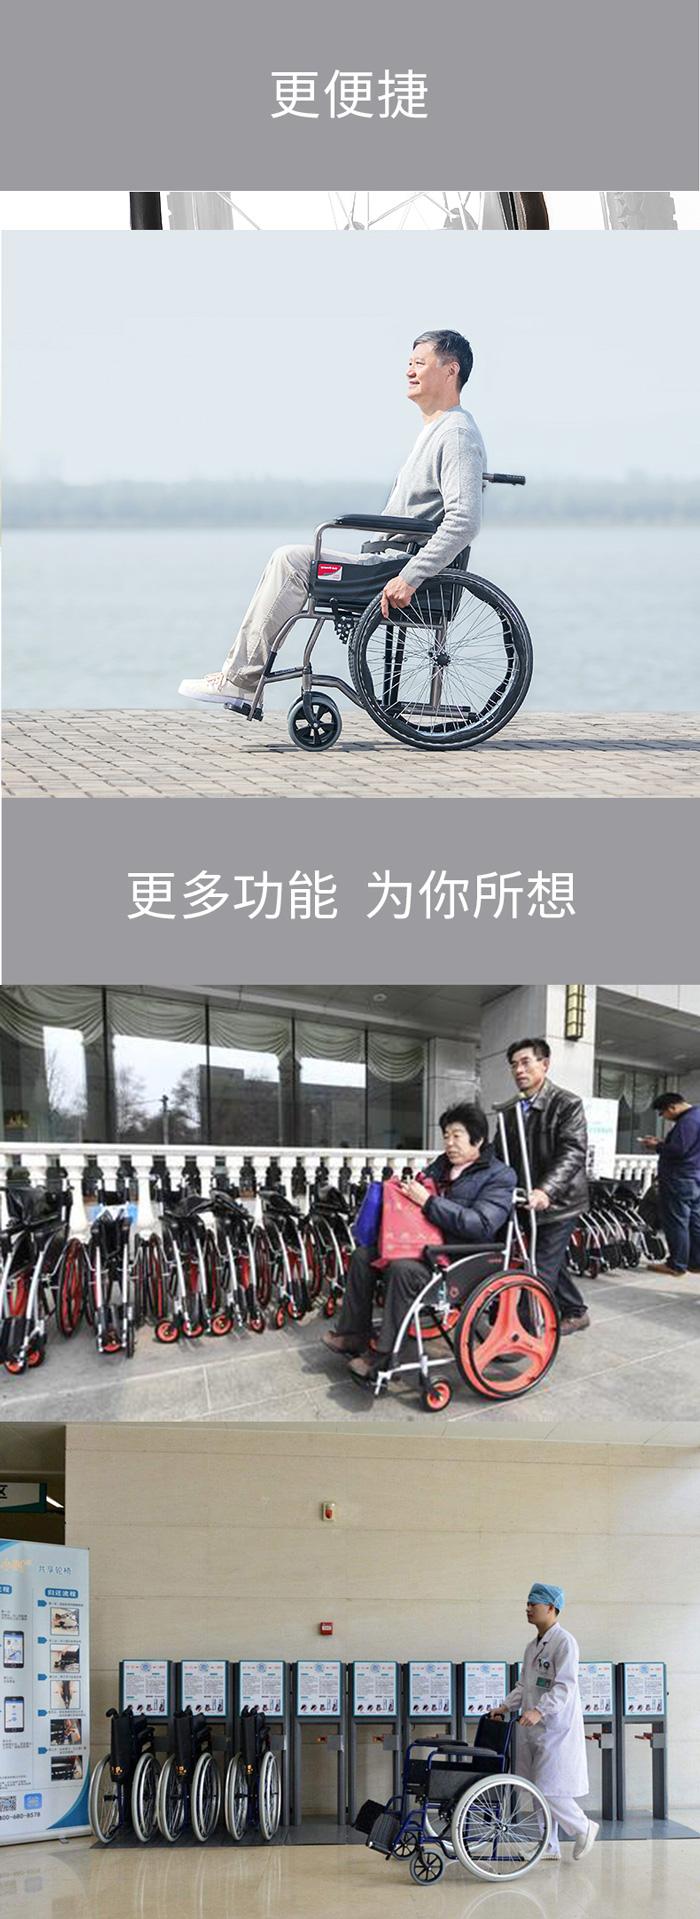 共享轮椅3.jpg